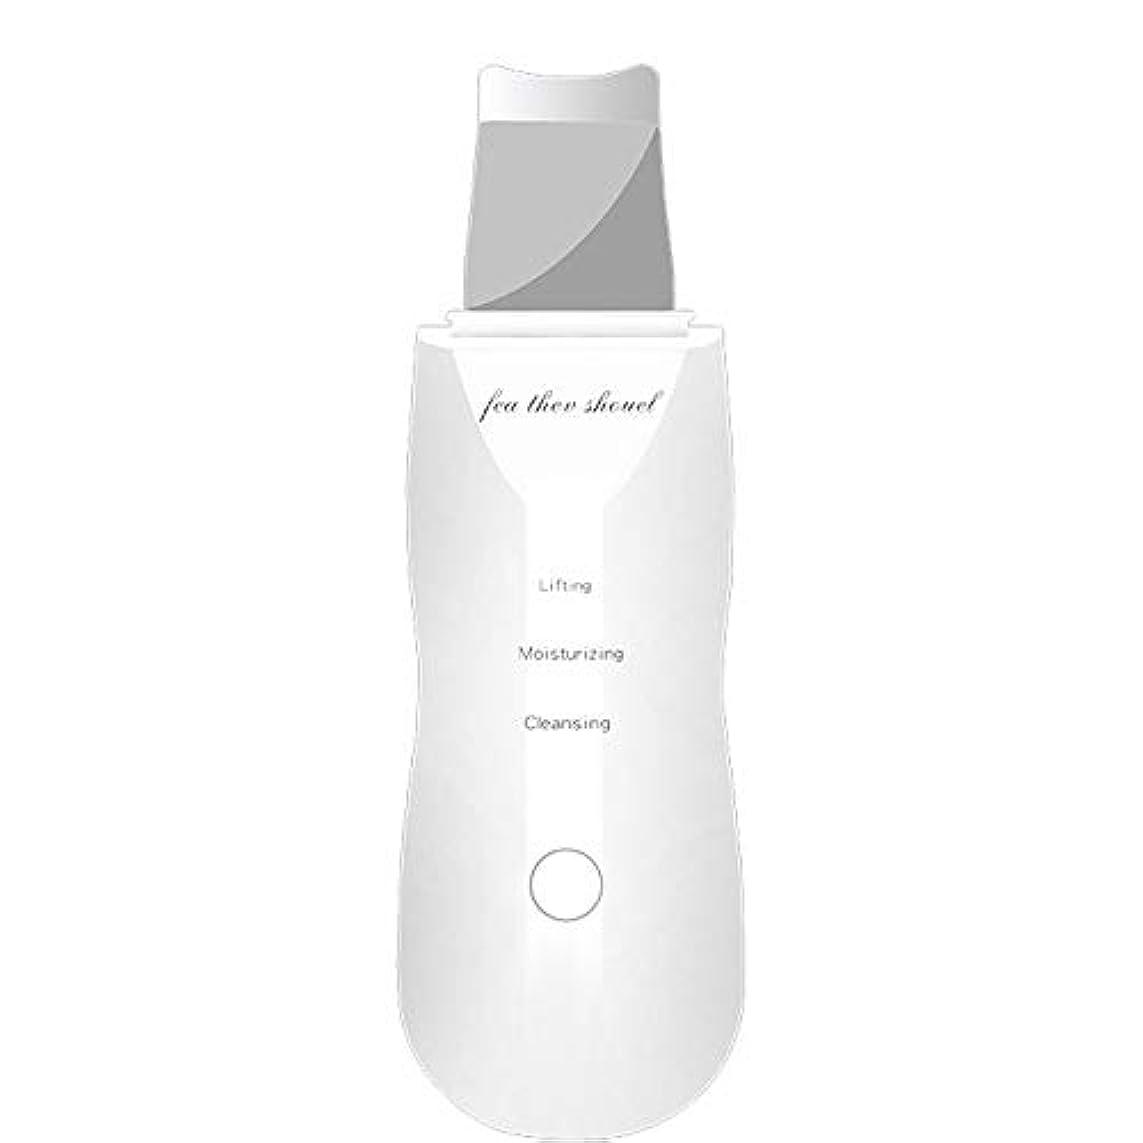 収益チューリップ乱雑な顔の皮のスクラバー、気孔の洗剤の電気にきび顔の皮のスクラバーUSBの再充電可能な皮のマッサージのスクラバー